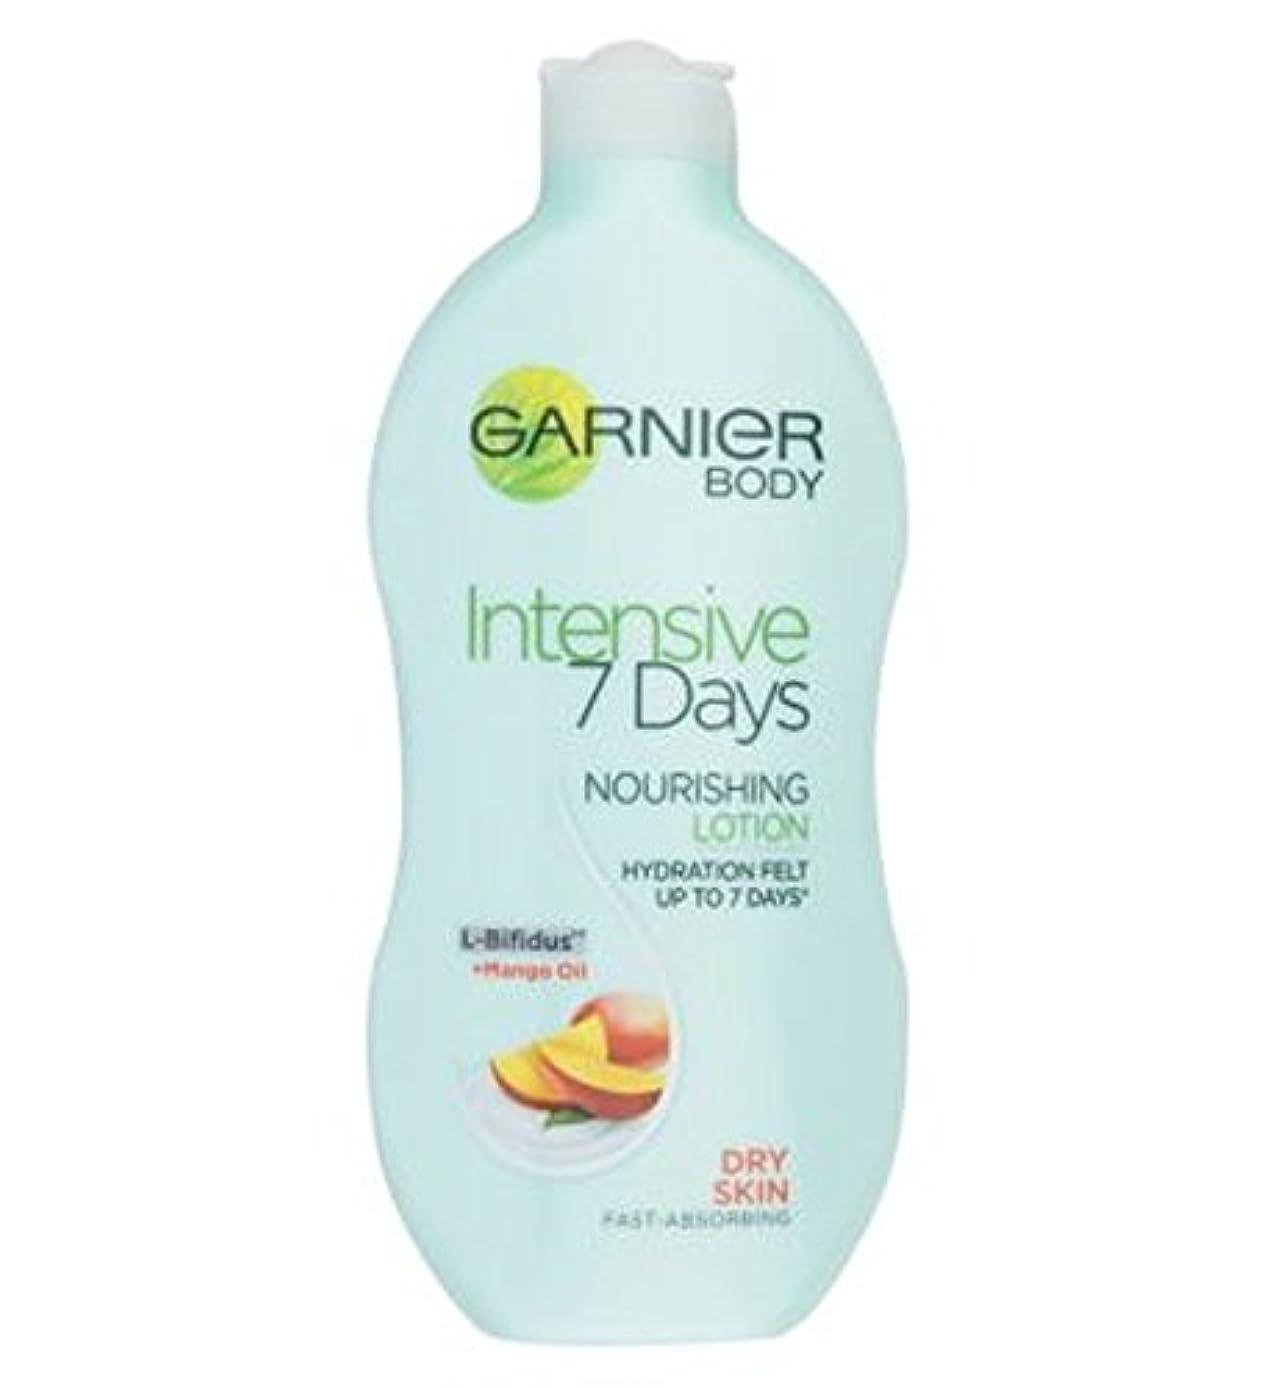 熟読楽観休憩乾燥肌の400ミリリットルのための栄養マンゴーオイルとガルニエの集中7日間毎日ボディローション (Garnier) (x2) - Garnier Intensive 7 Days Daily Body Lotion with...